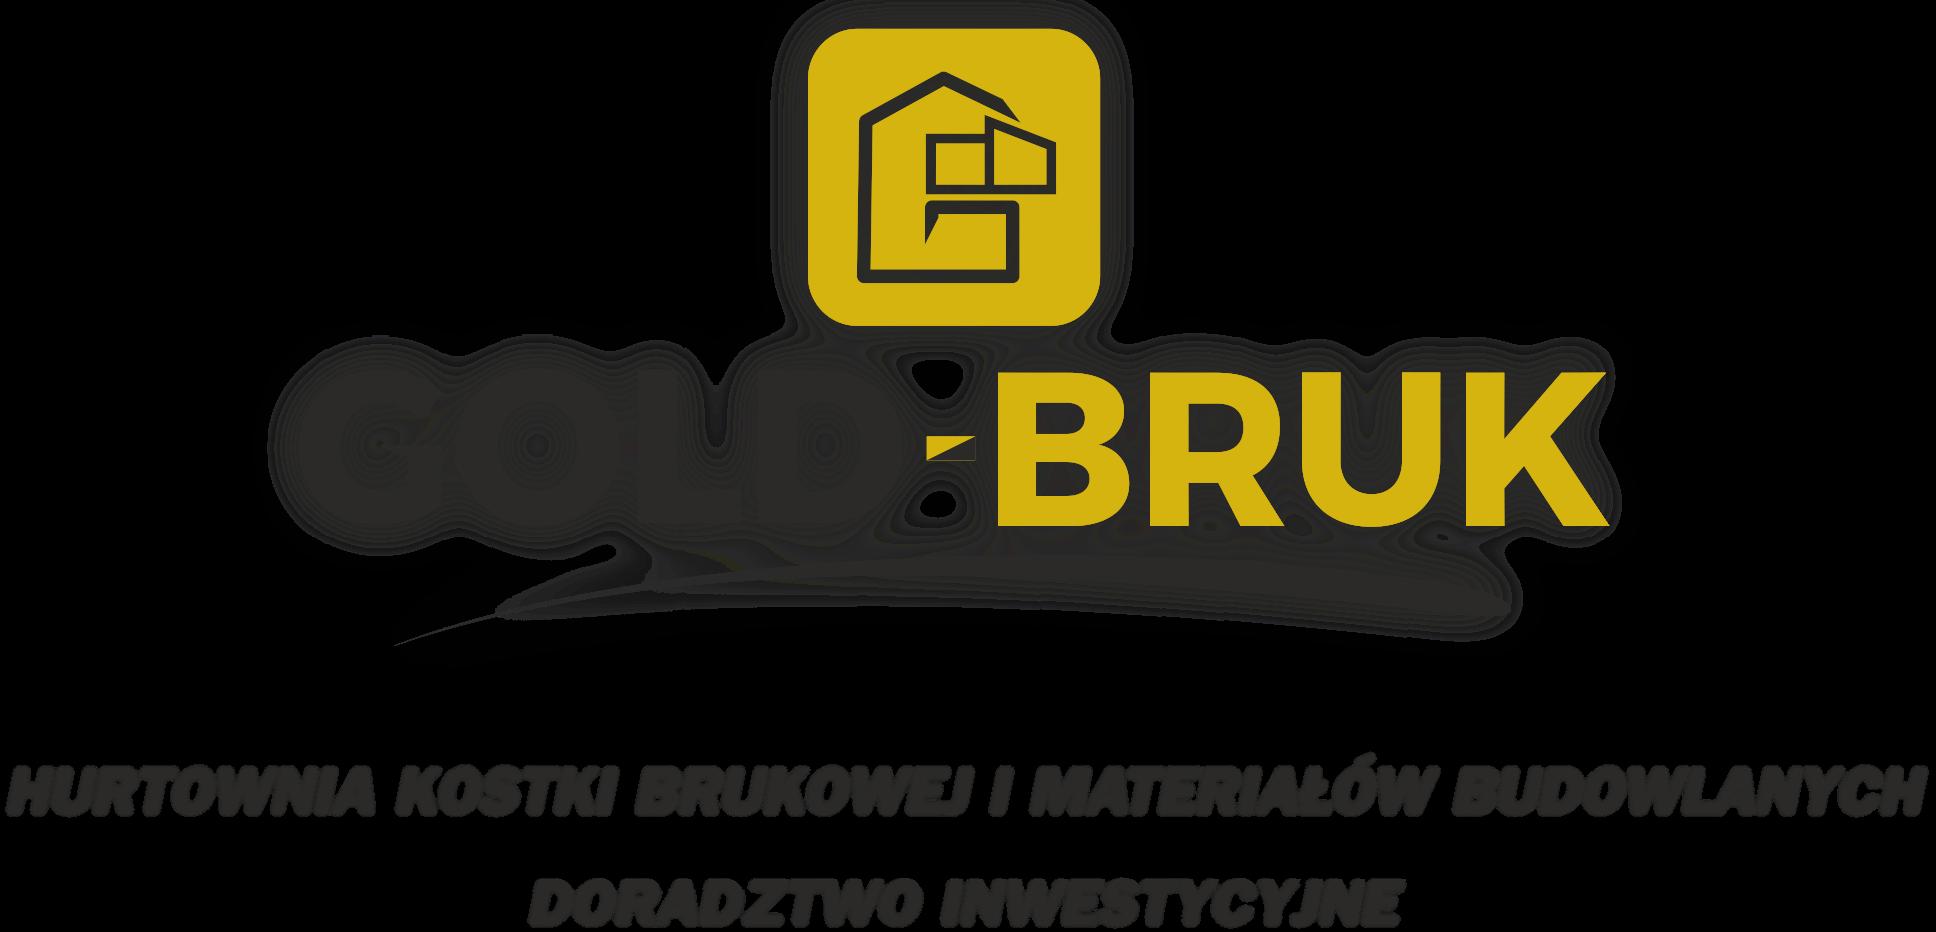 GOLD-BRUK – Hurtownia kostki brukowej i materiałów budowlanych